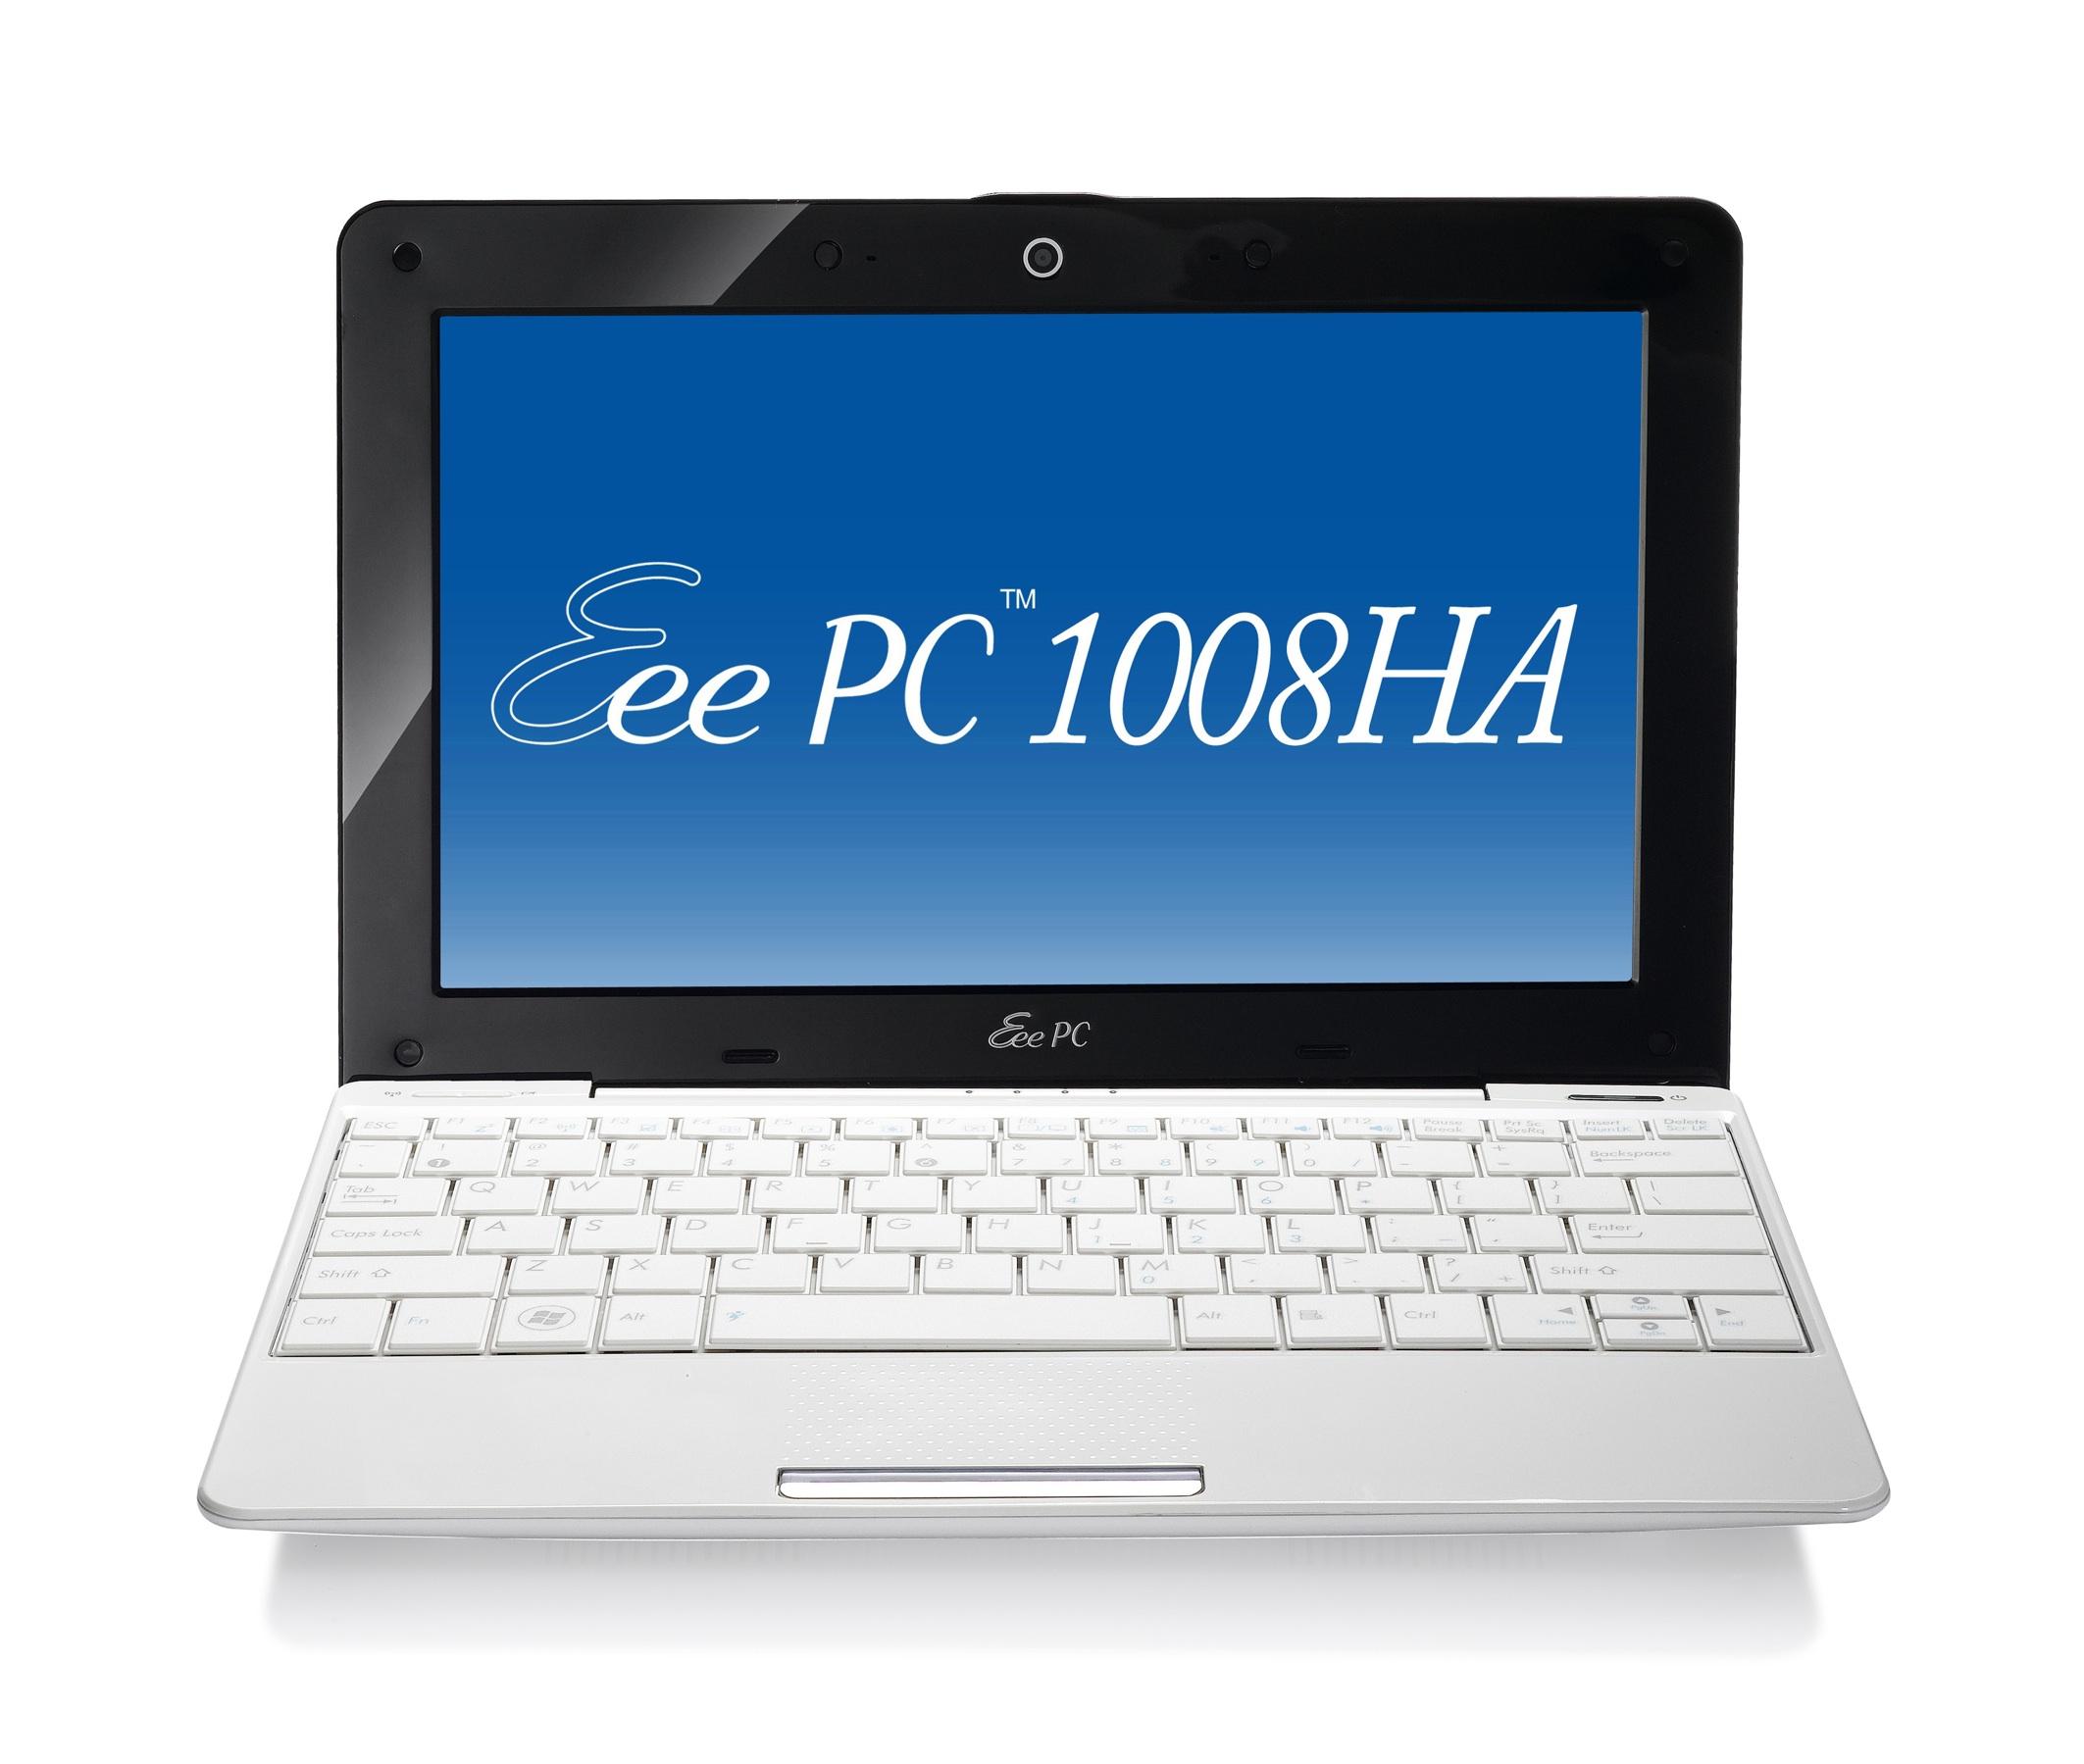 ASUS EeePC 1008HA Seashell, il netbook si rinnova